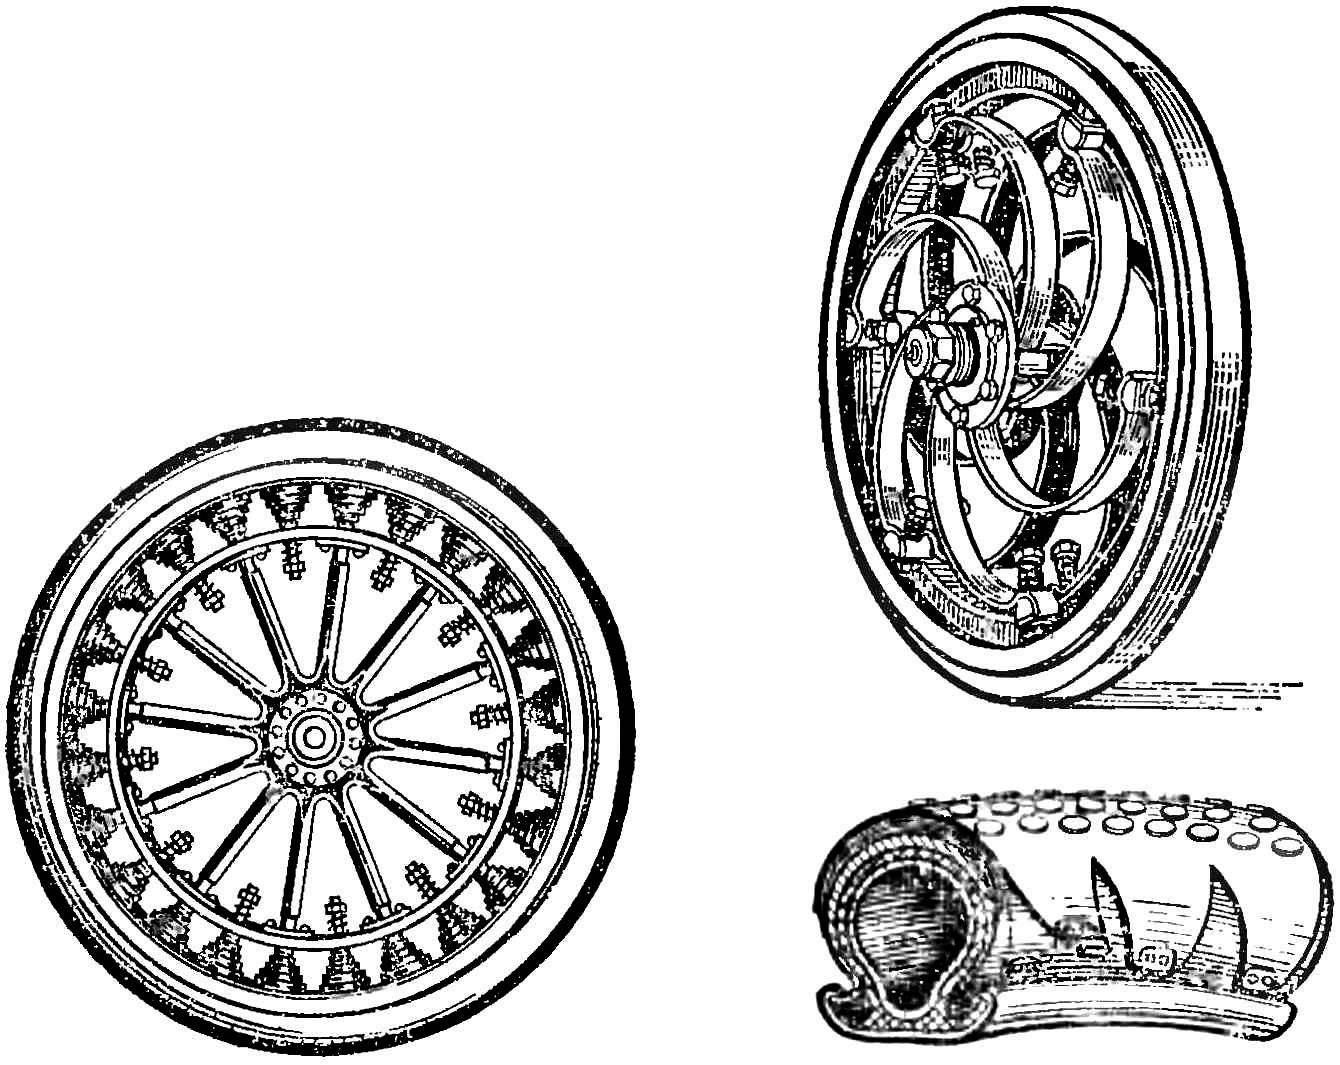 Рис. 2. Пружинные колеса и шина из пружин в кожаном чехле.